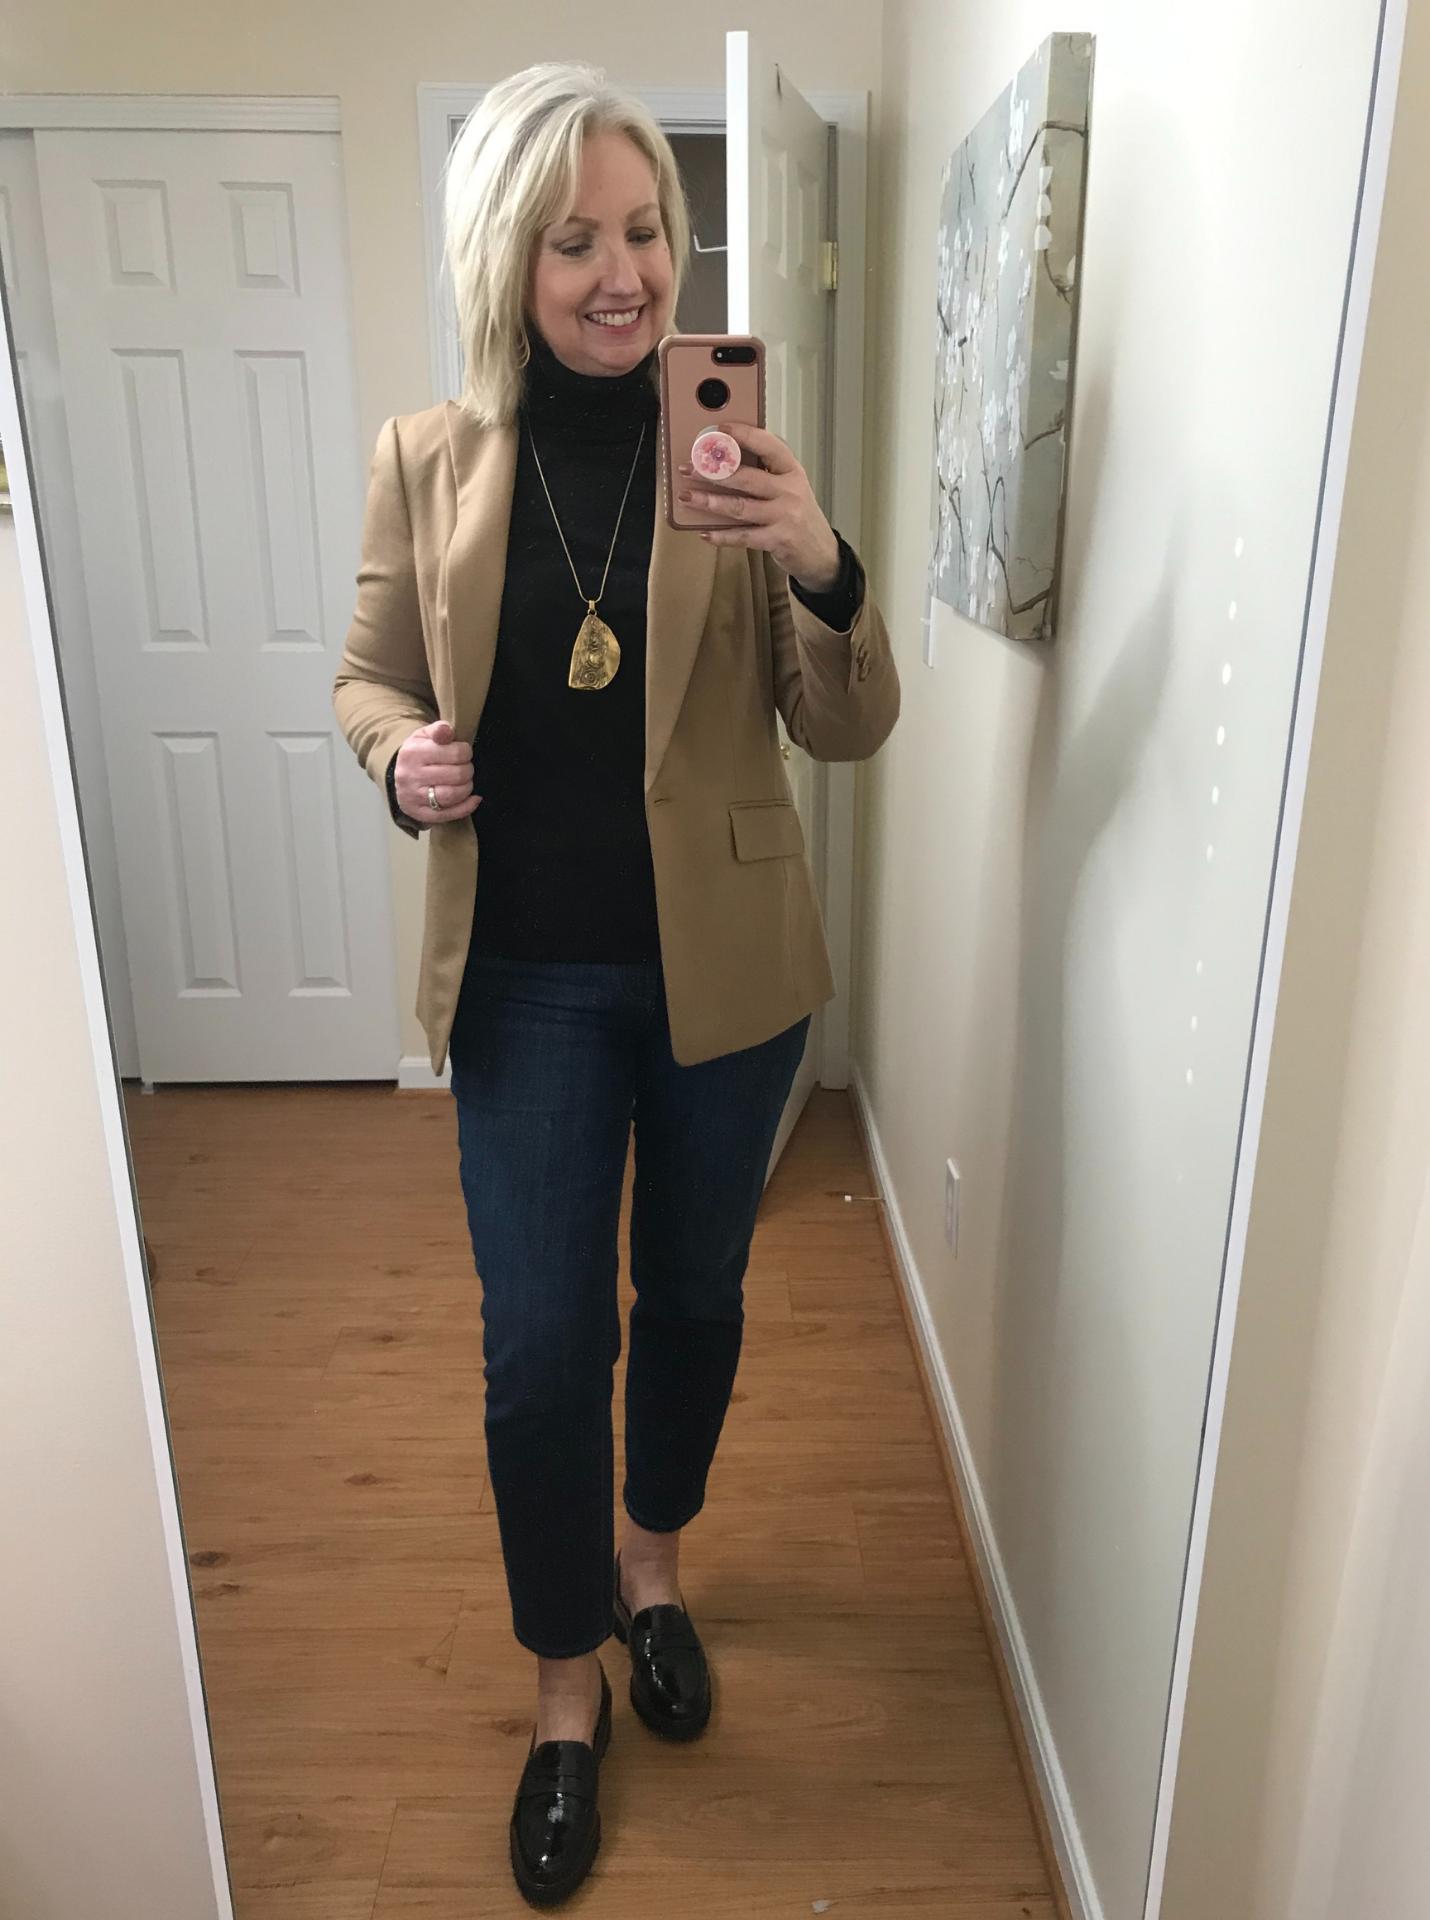 Ankle Jeans Black Turtleneck Untucked Black Loafer Camel Jacket